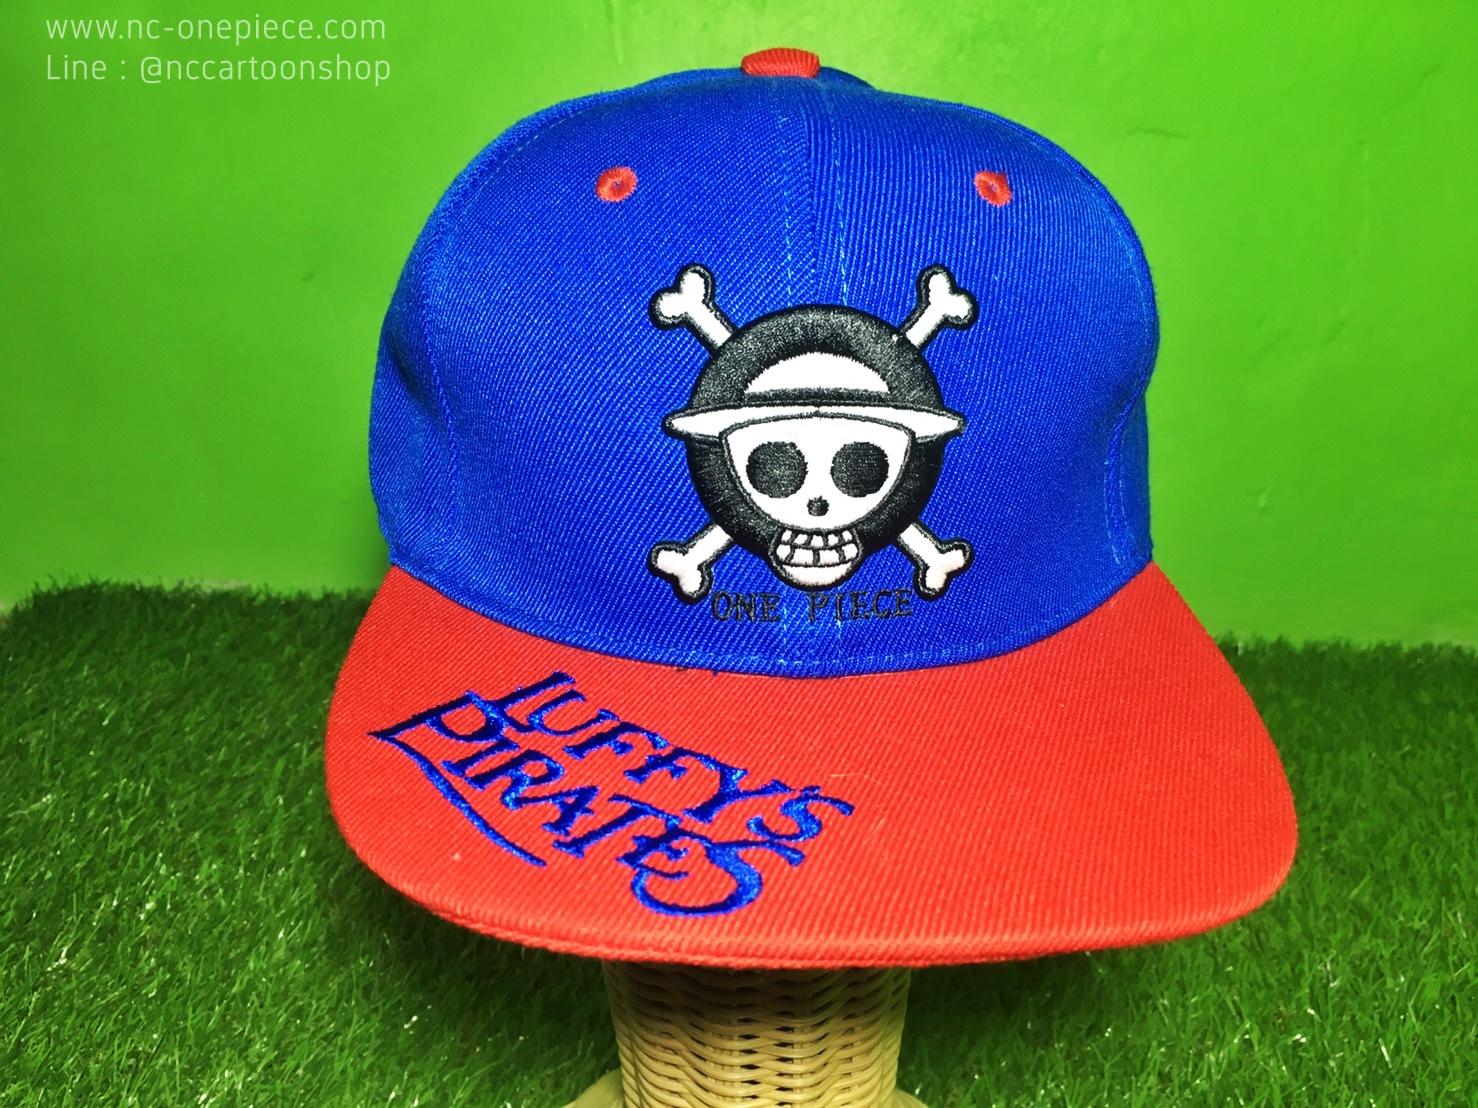 หมวกสแนปแบค (หมวกฟาง)